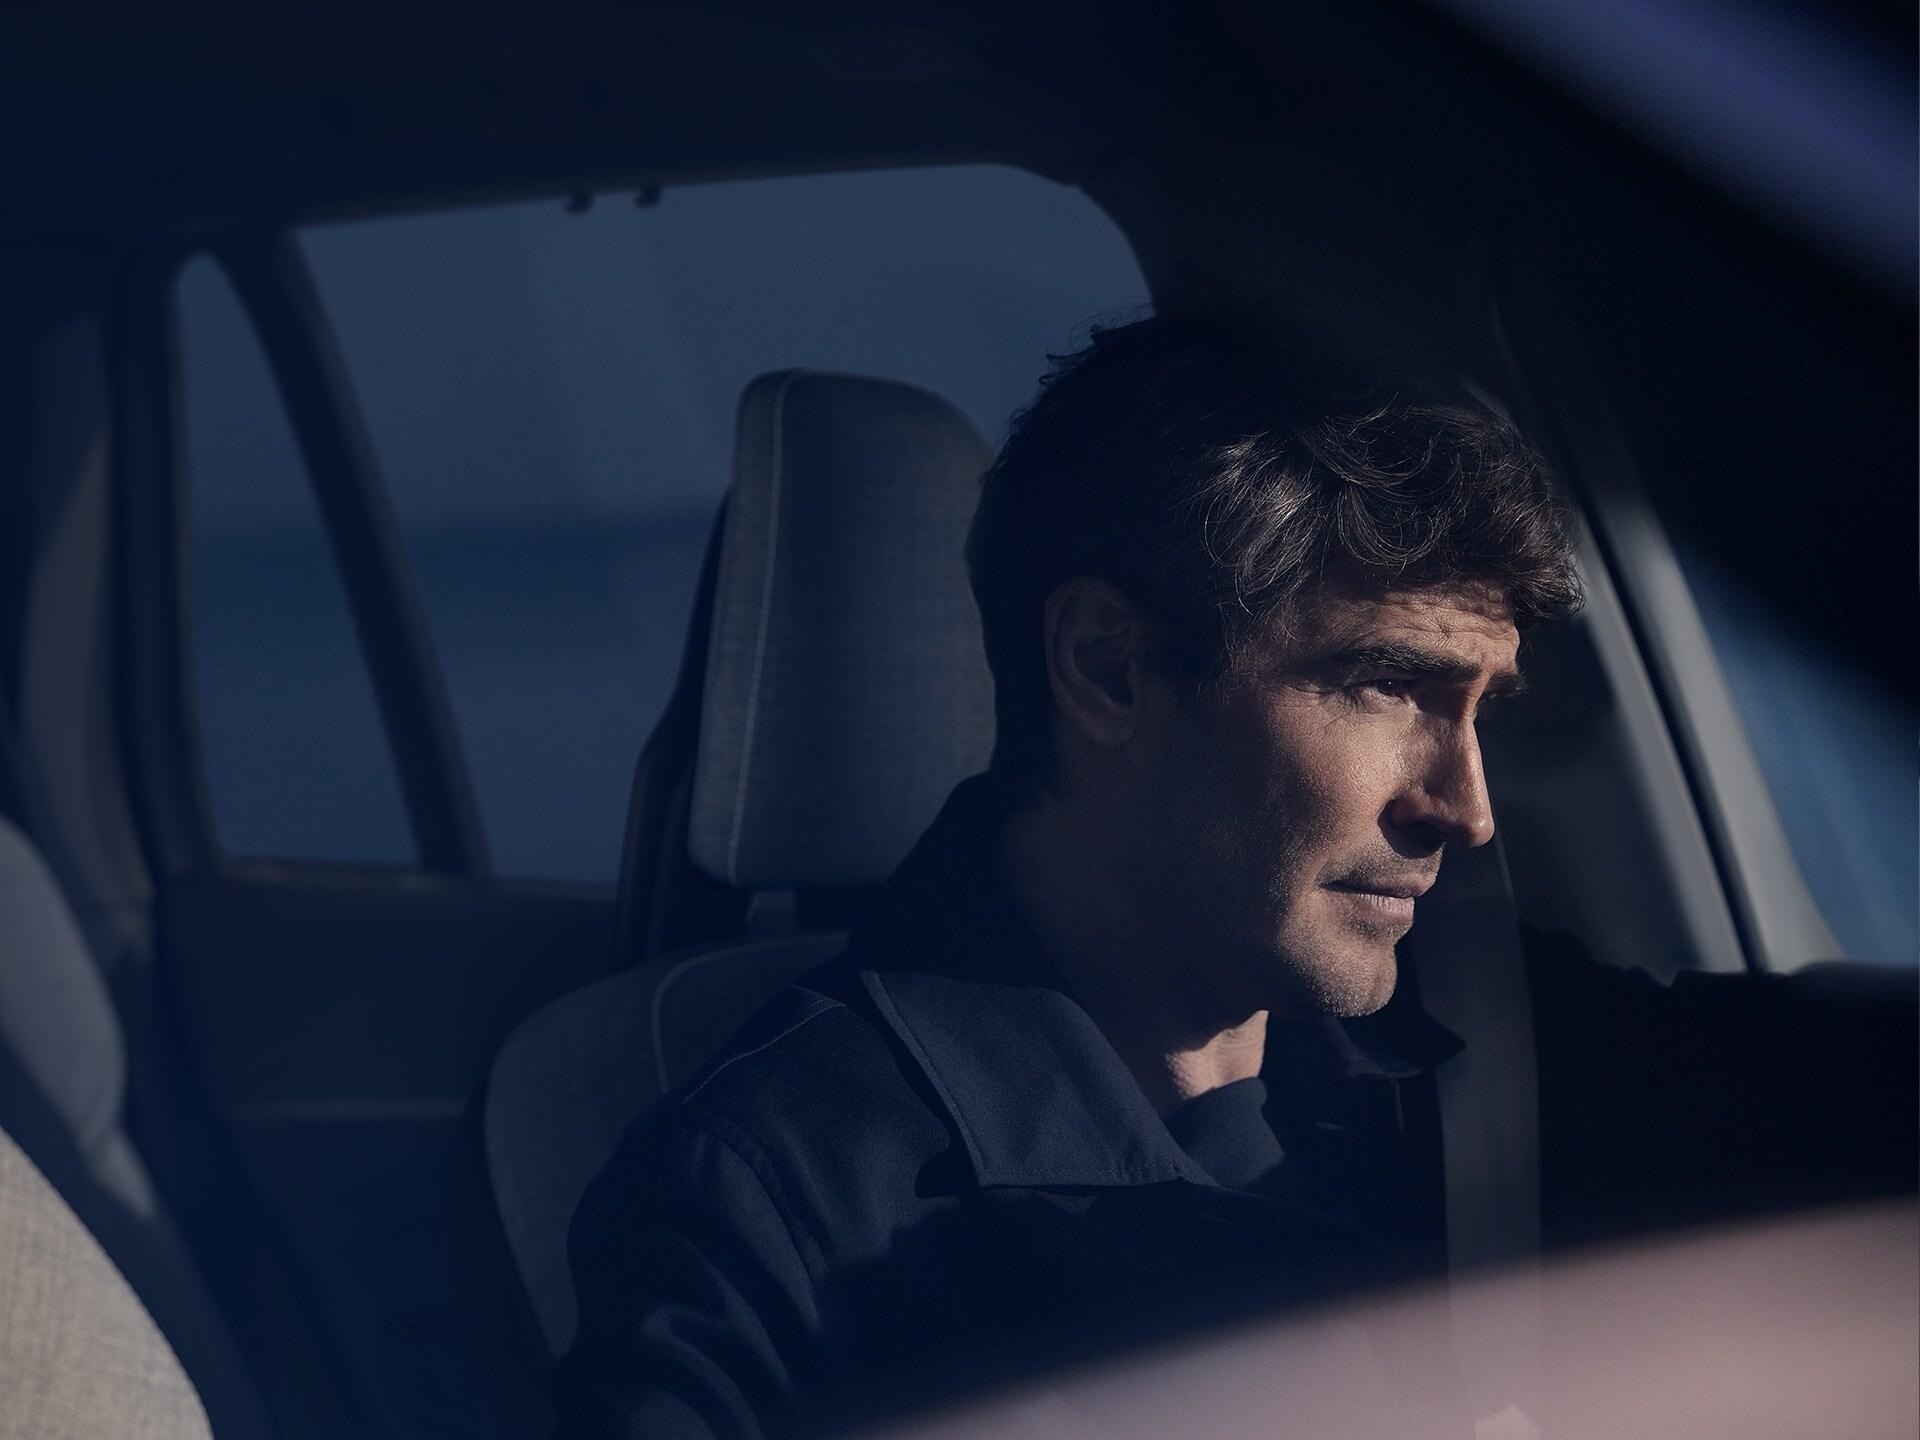 Темноволосий чоловік сидить у VolvoXC90, і на його обличчя падає відблиск сонця.